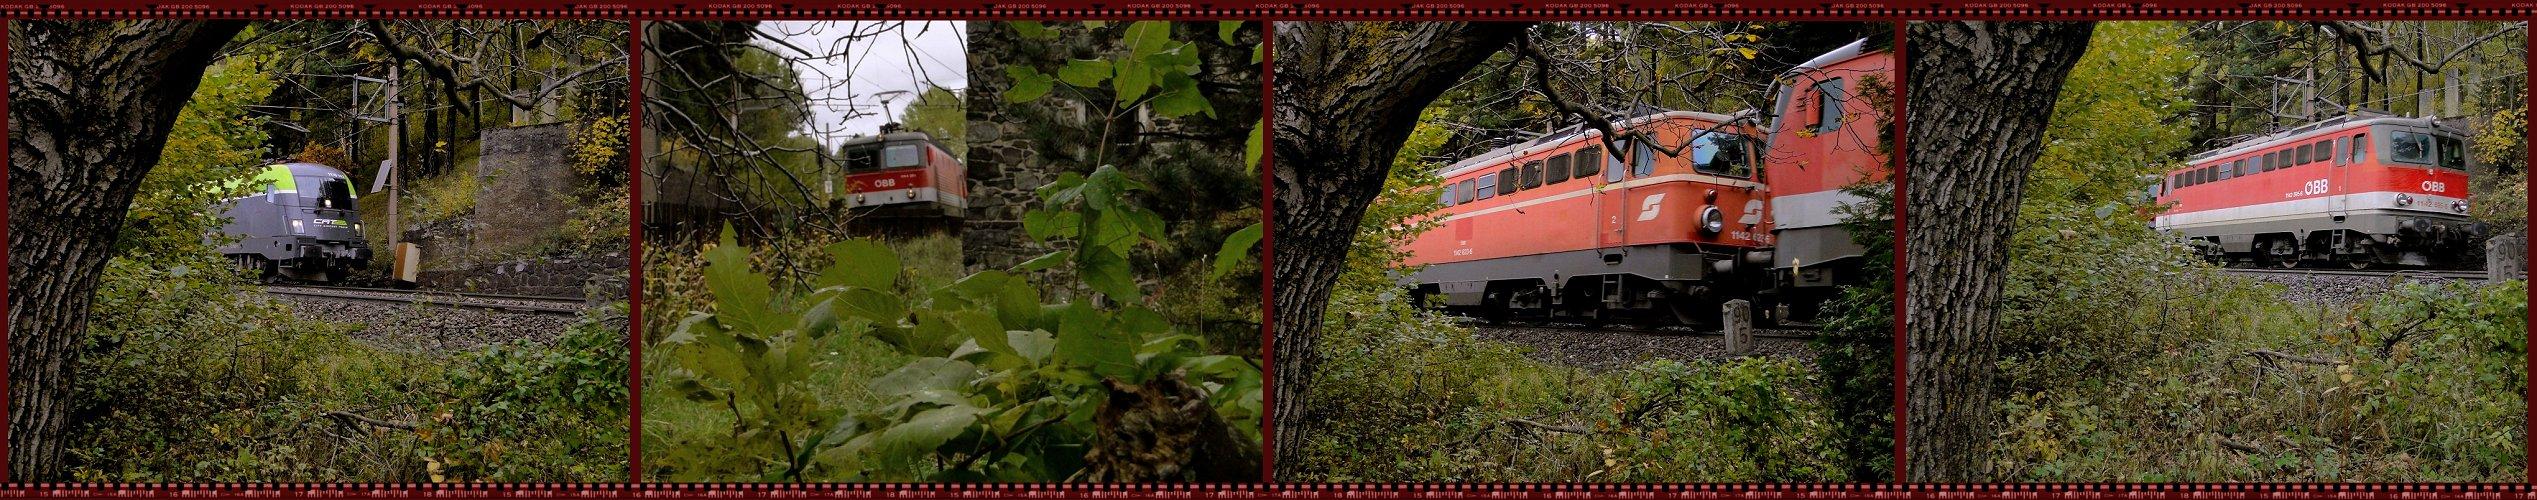 Südbahn-Exkursion 2013 - CK auf der Suche ...